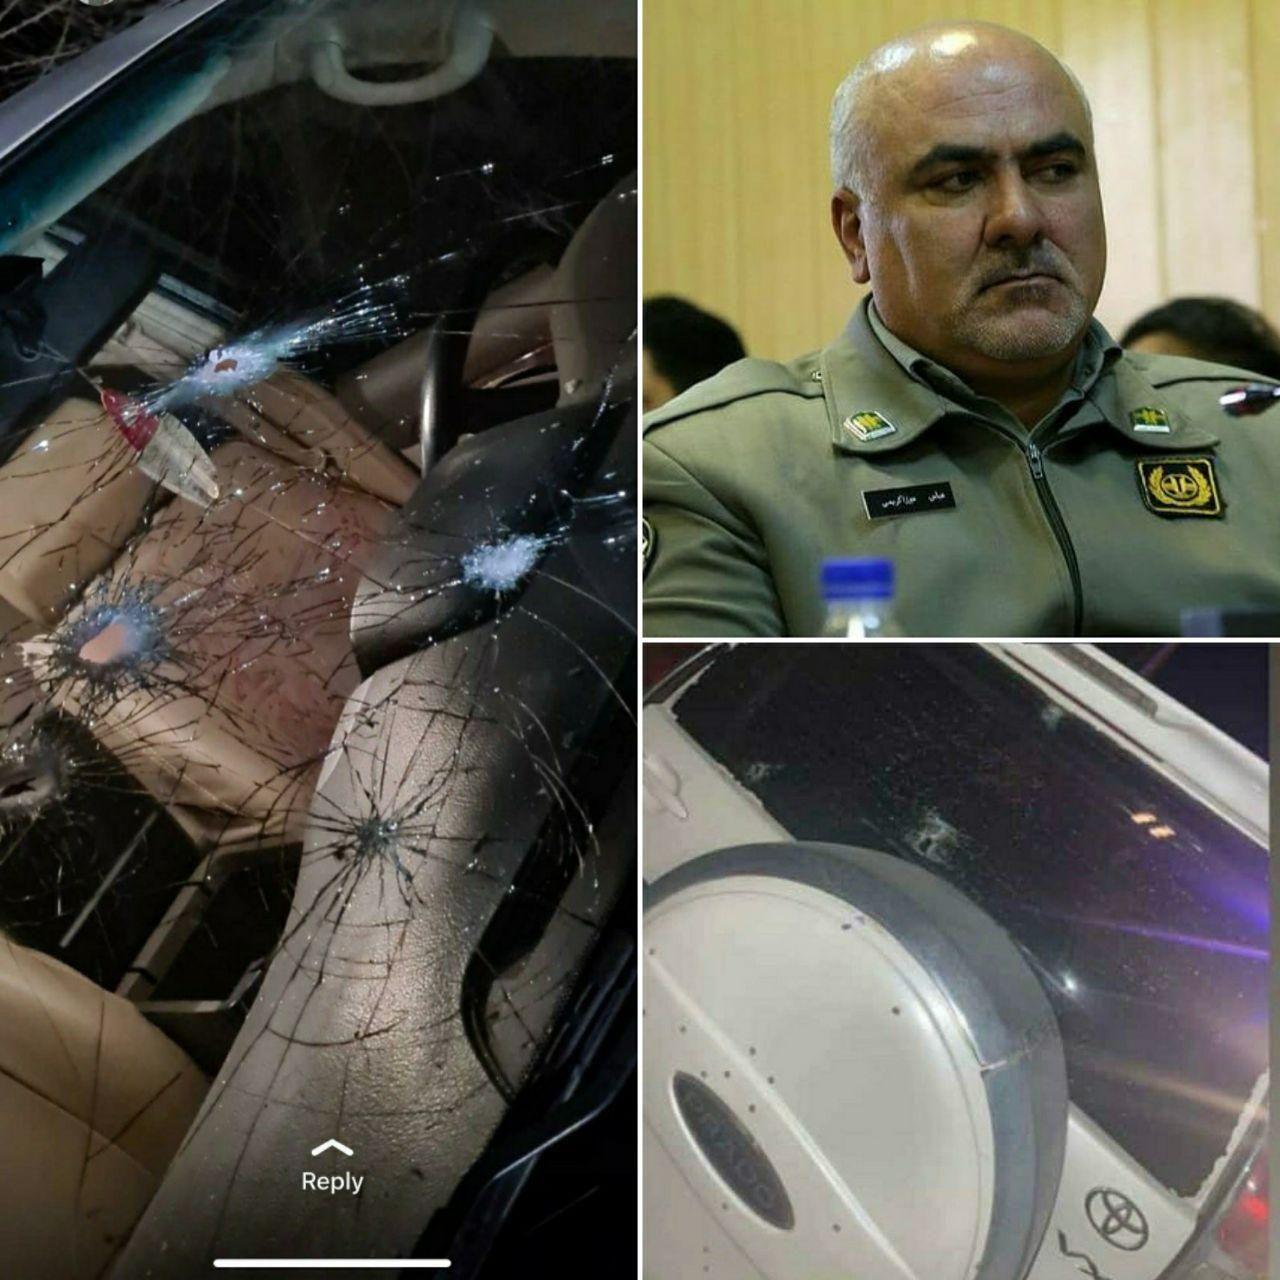 رئیس سابق اداره محیط زیست شهرستان دماوند با رگبار گلوله ترور شد+ تصاویر